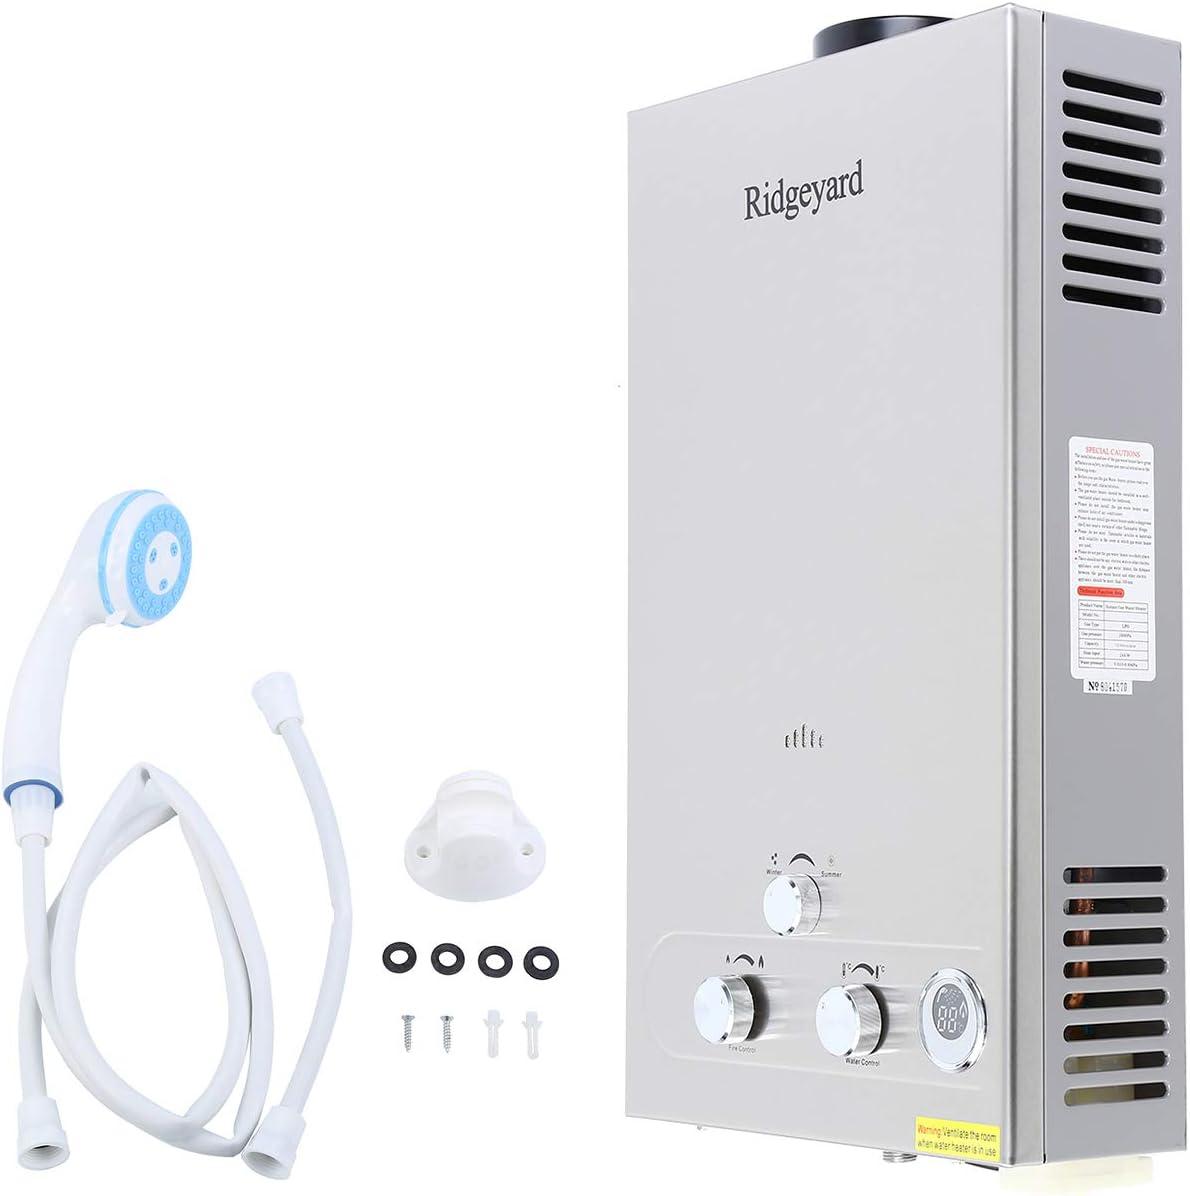 Ridgeyard Calefactor del Agua de la Ducha de Propano y Gas con Pantalla Digital de la Caldera y sin Tanque 12L/minuto 24kW (60C temperatura del agua) - incluye 5 m manguera de alta resistencia, pistol